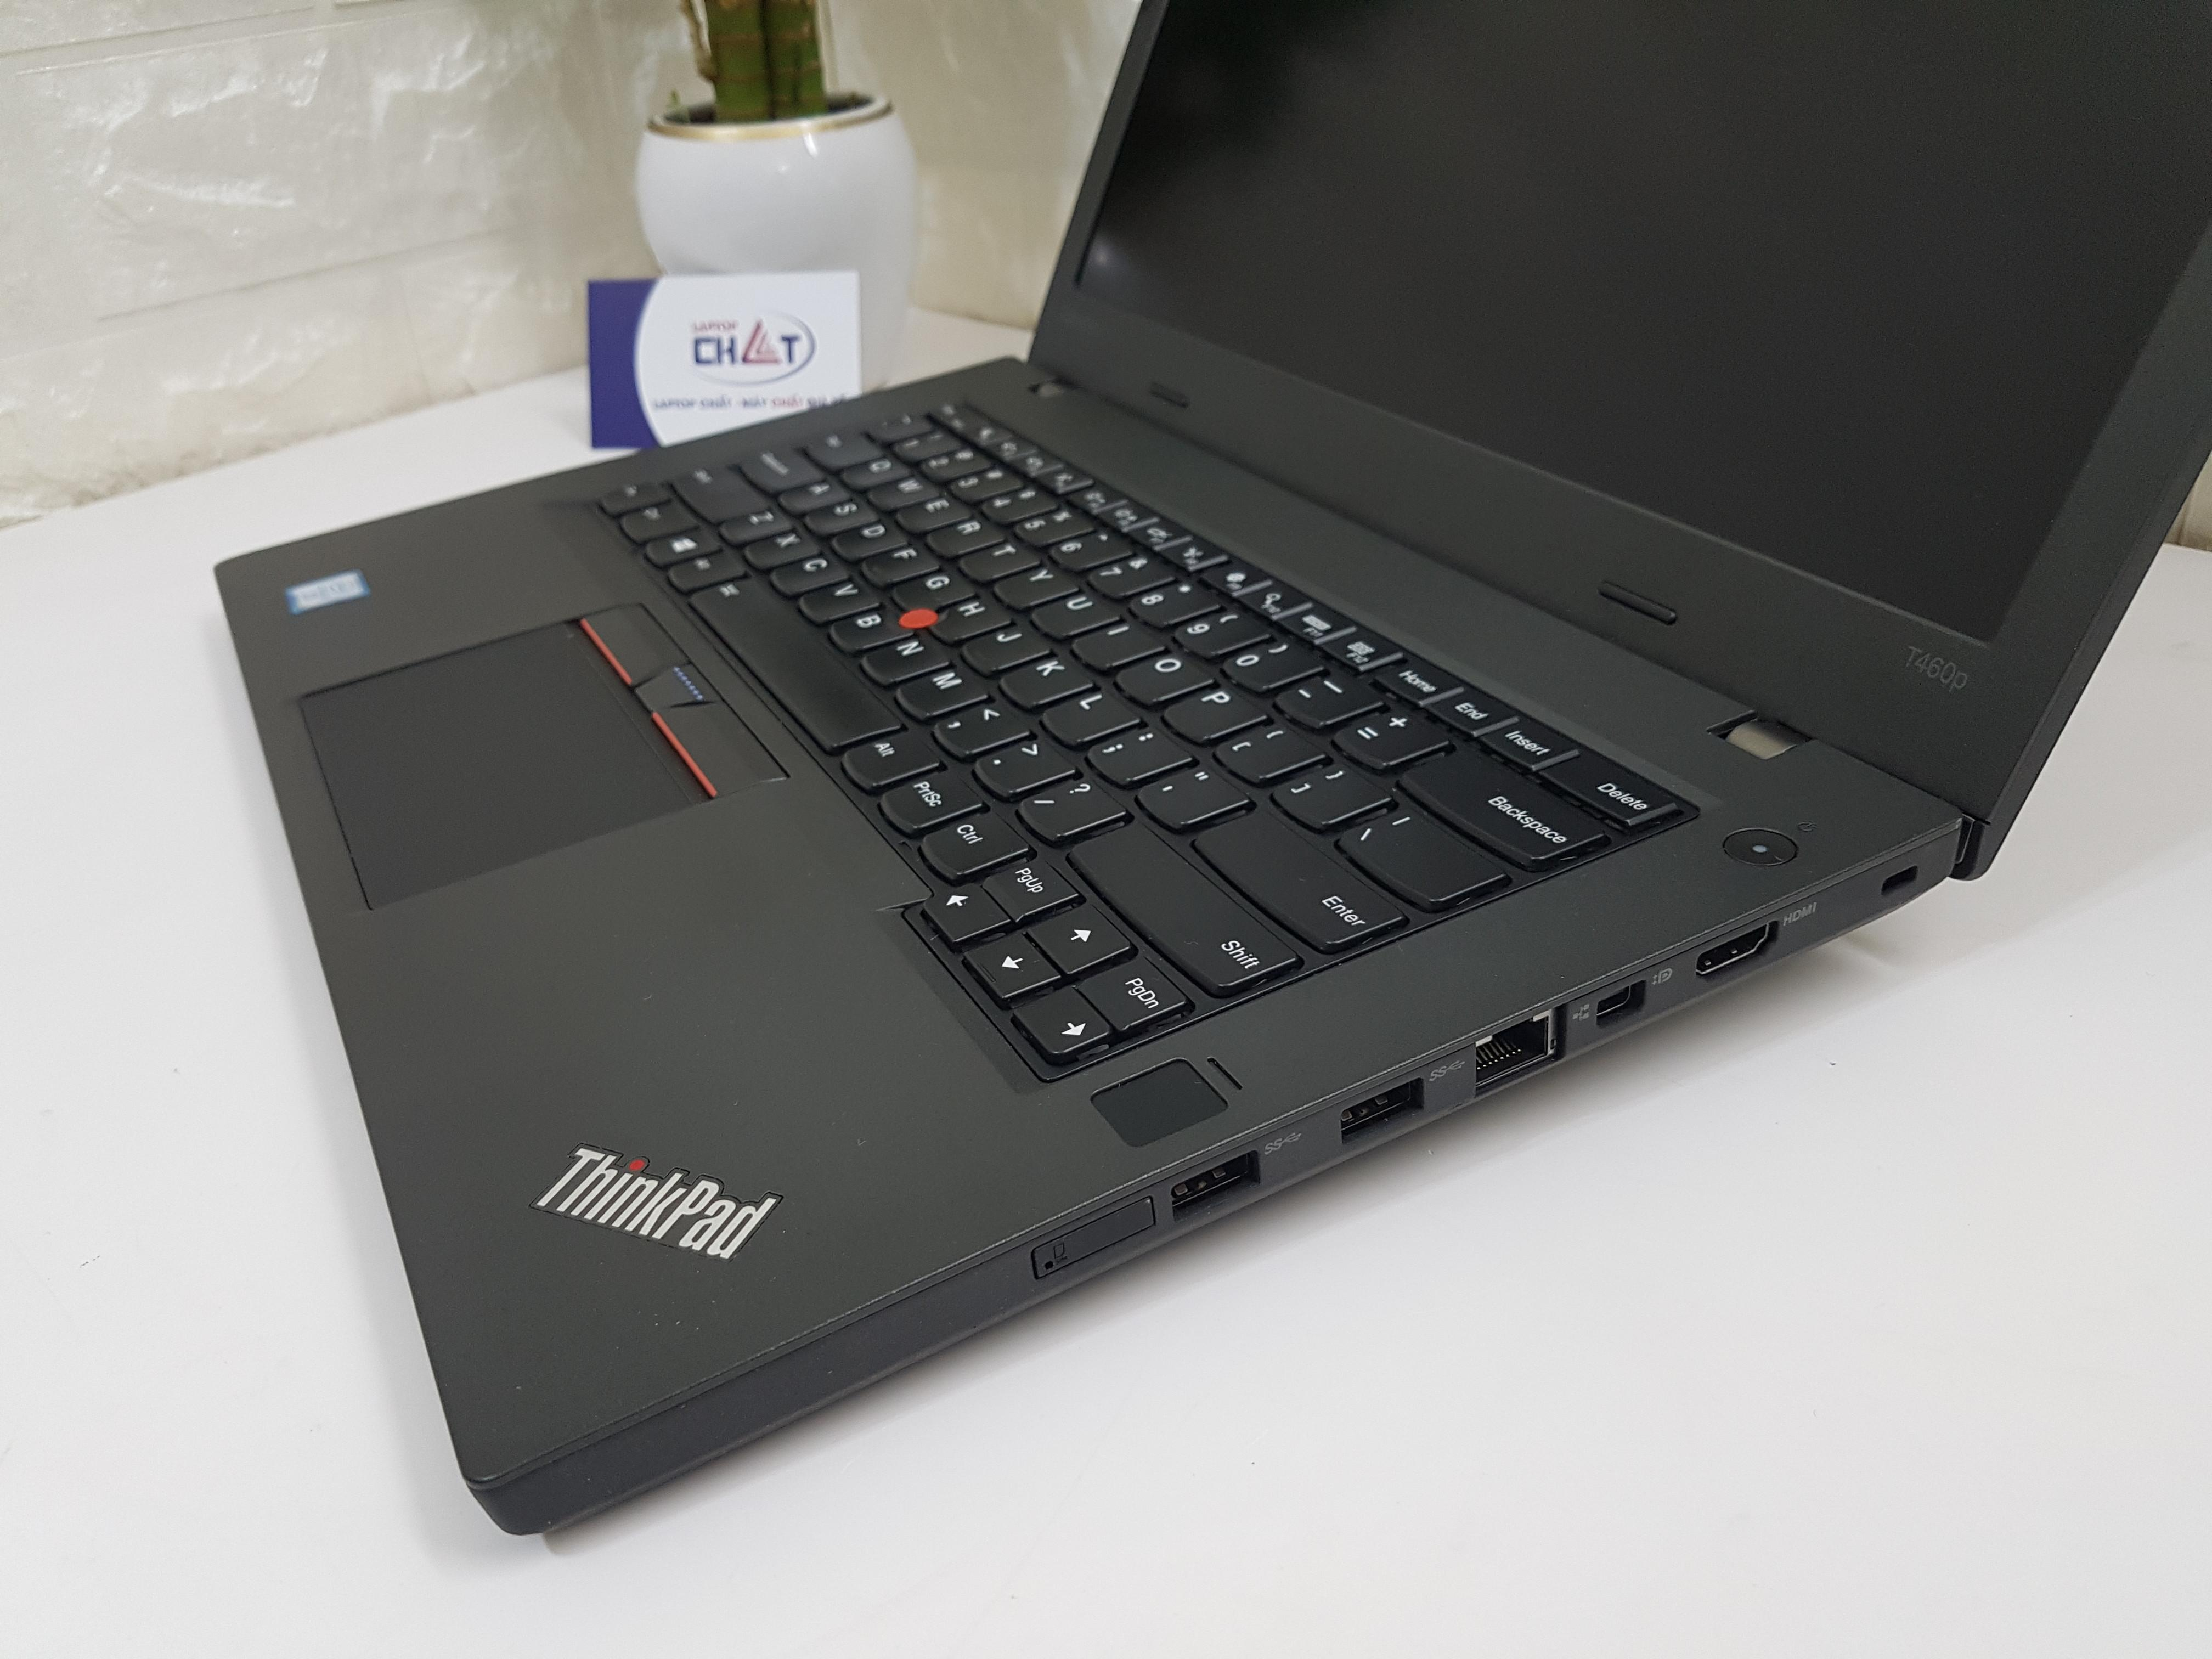 Thinkpad T460P i7 - 2